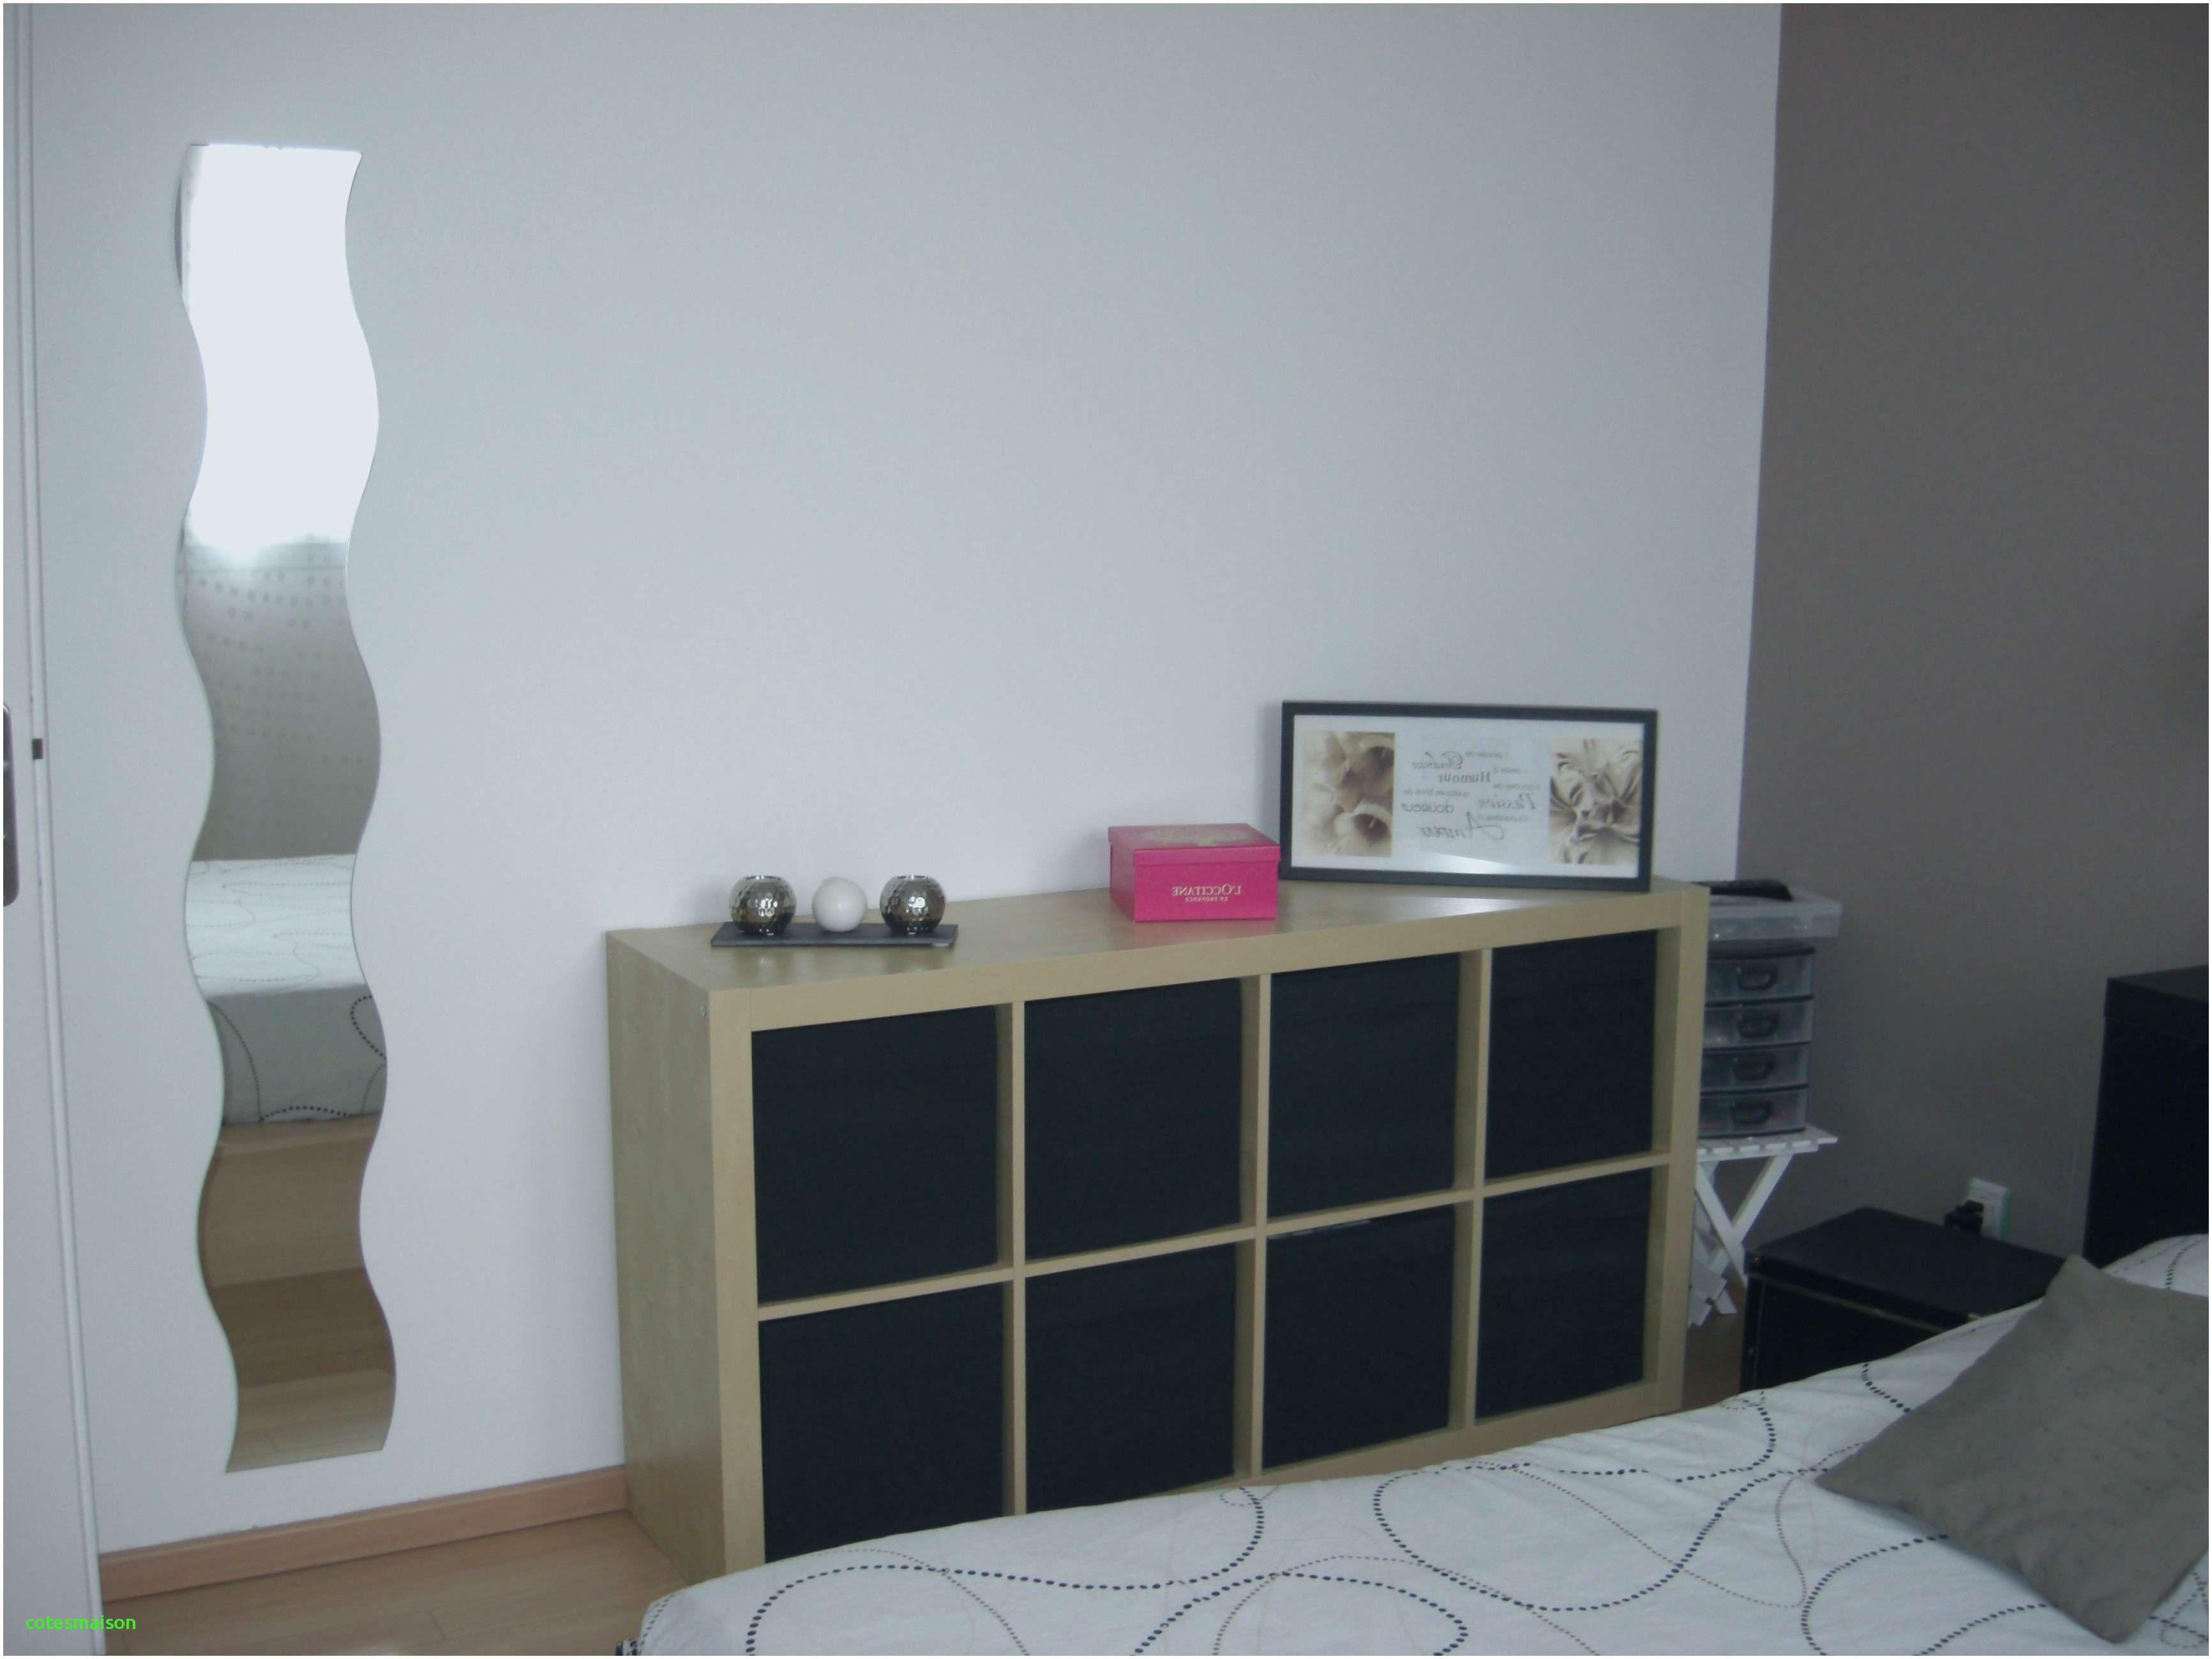 Tete De Lit Rideau Élégant Elégant 22 Inspiration Rideau Pour Cabane De Lit Home Design